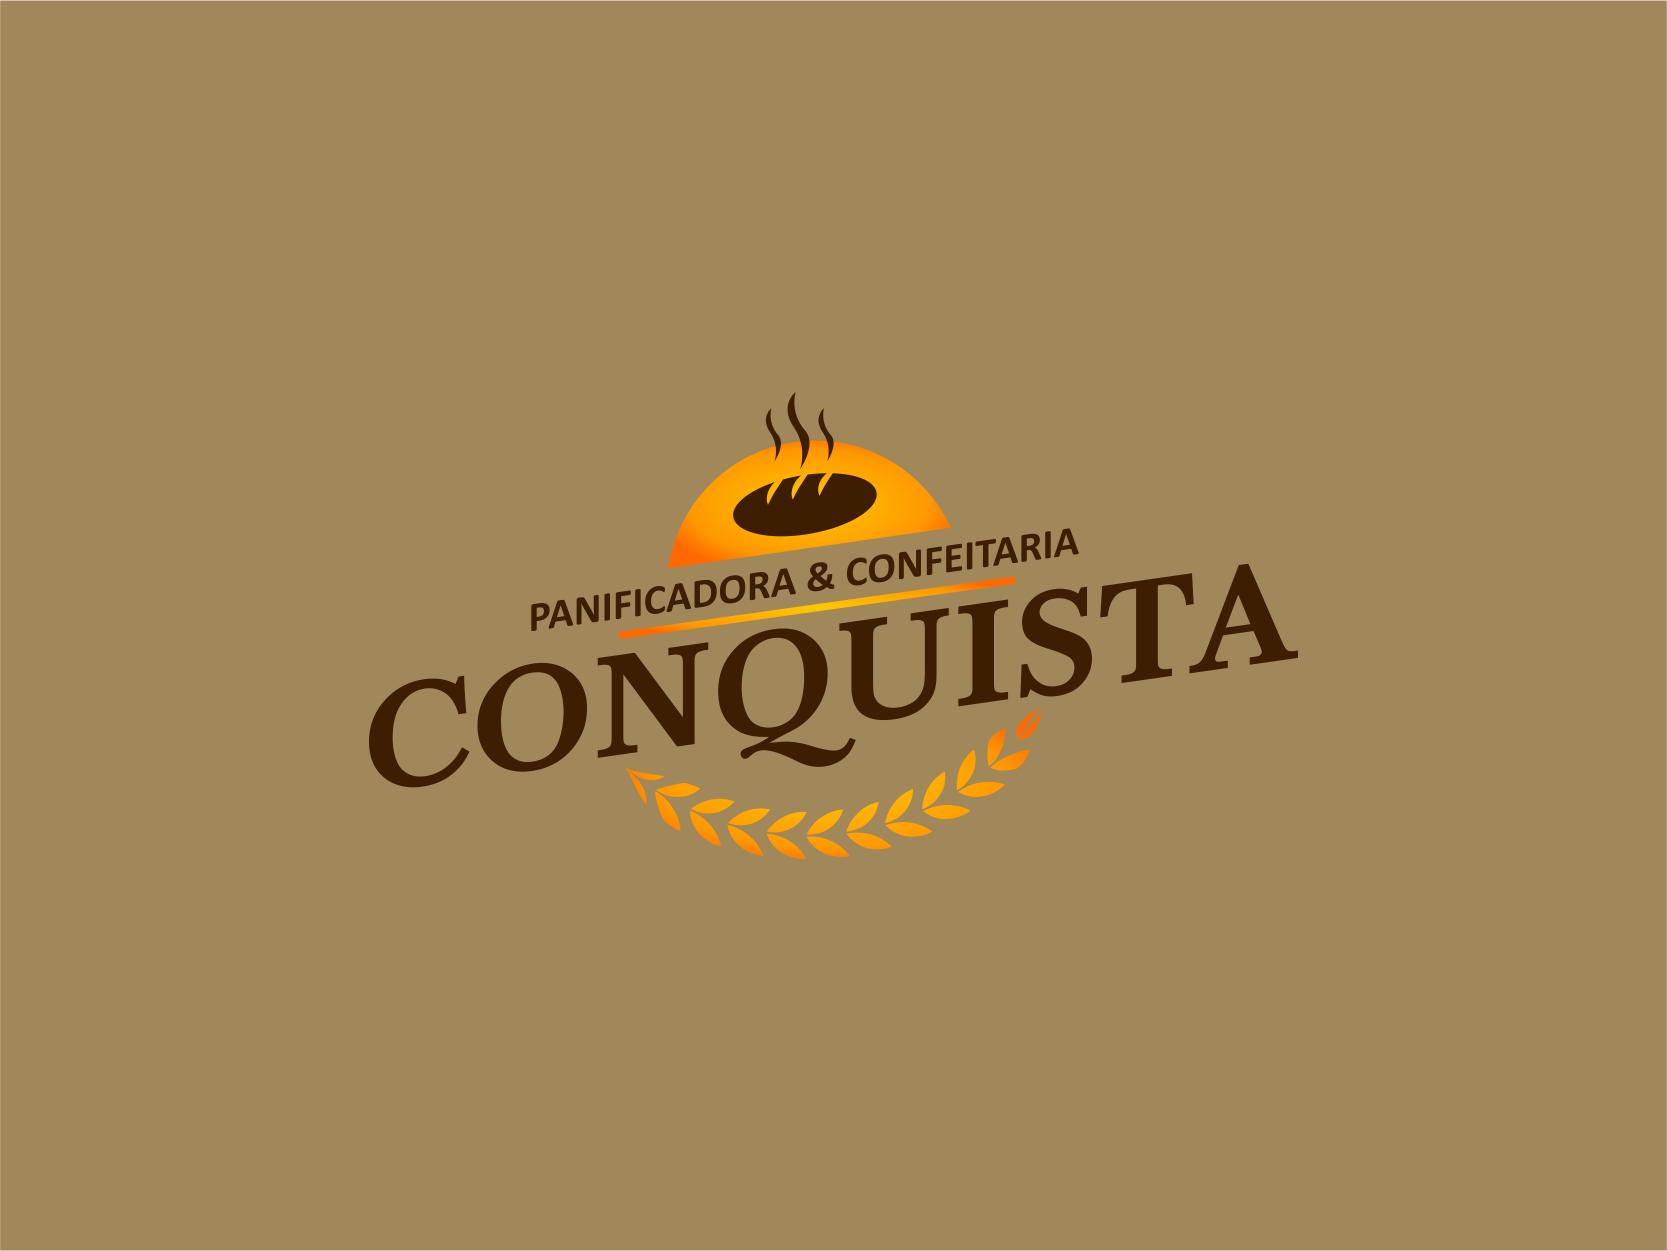 Panificadora e Confeitaria Conquista